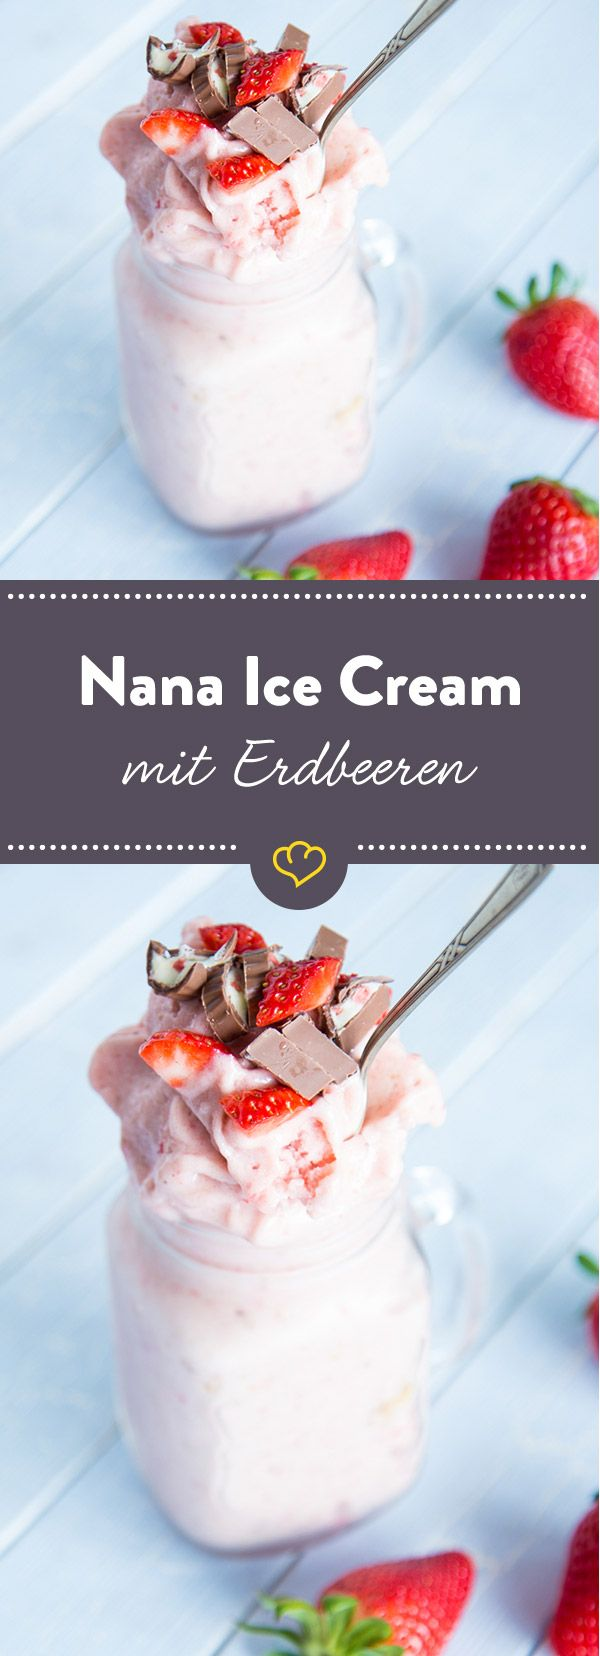 Im Mixer ist der Sommer bereits angekommen: Dort dreht sich alles um rosa rote Nana Ice Cream aus gefrorenen Bananen und Erdbeeren. Pur und schnell gemacht.